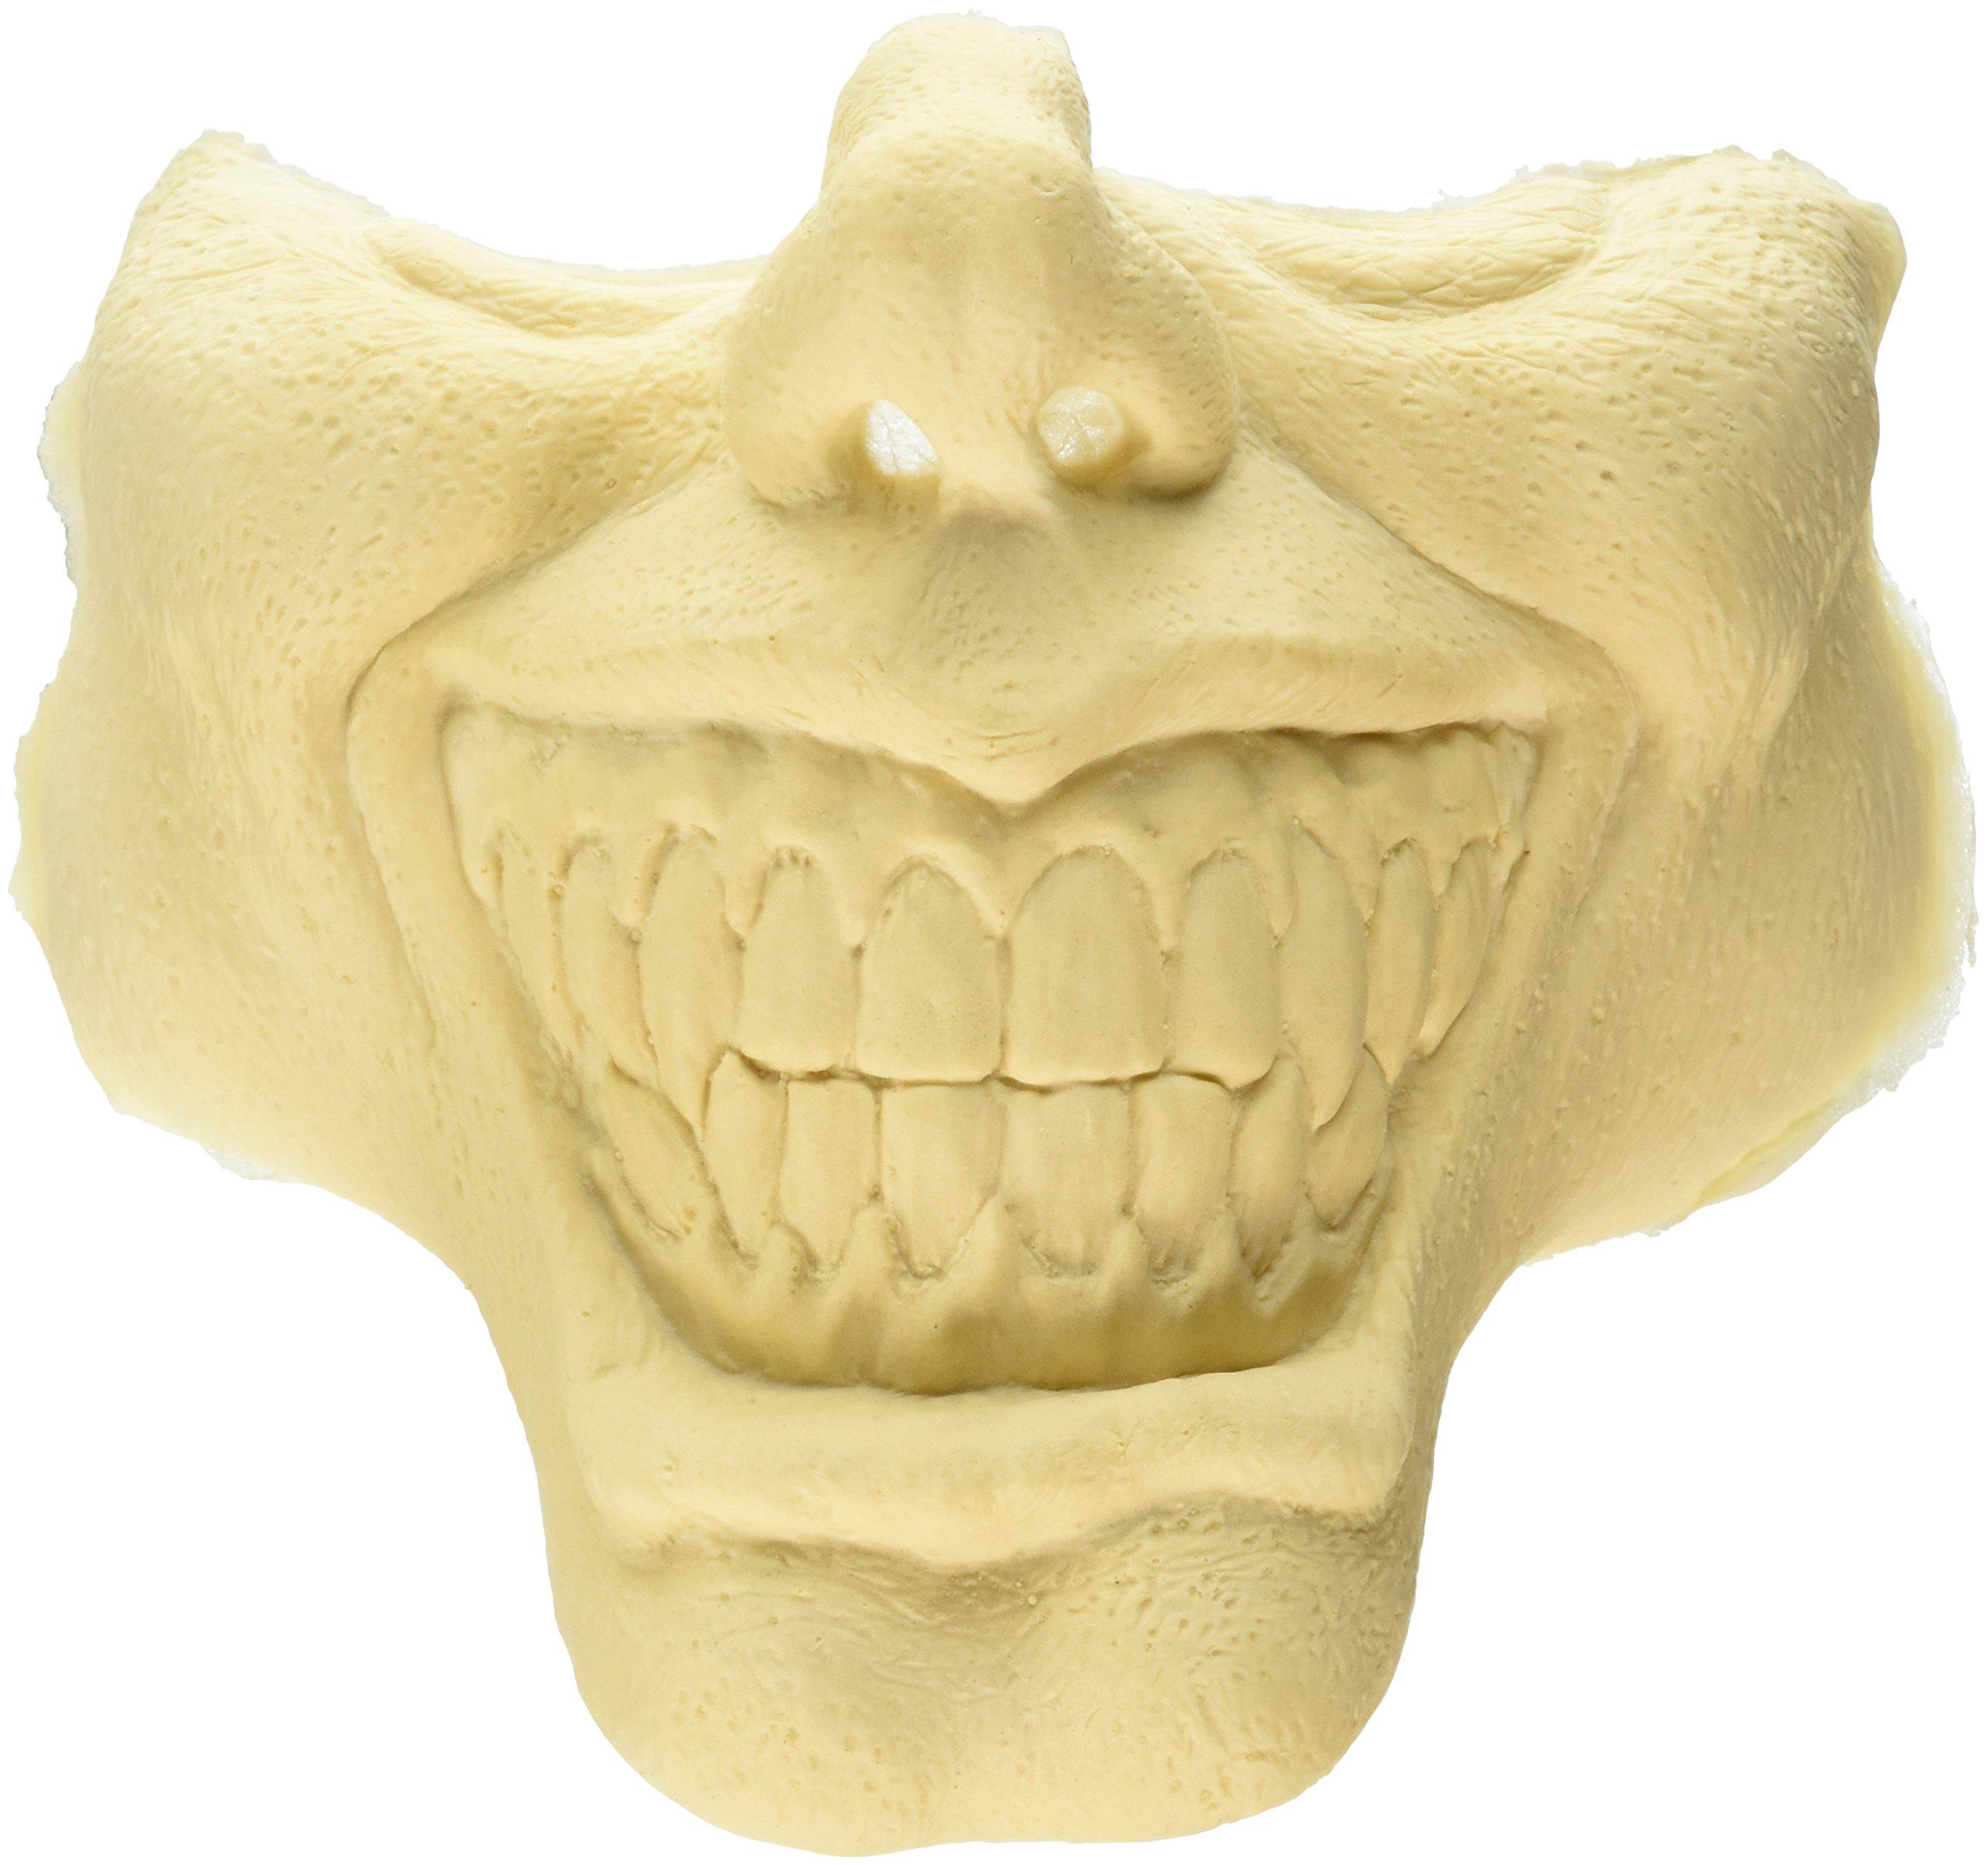 Woochie by Cinema Secrets Funny Face Foam Prosthetics, Multi, One Size